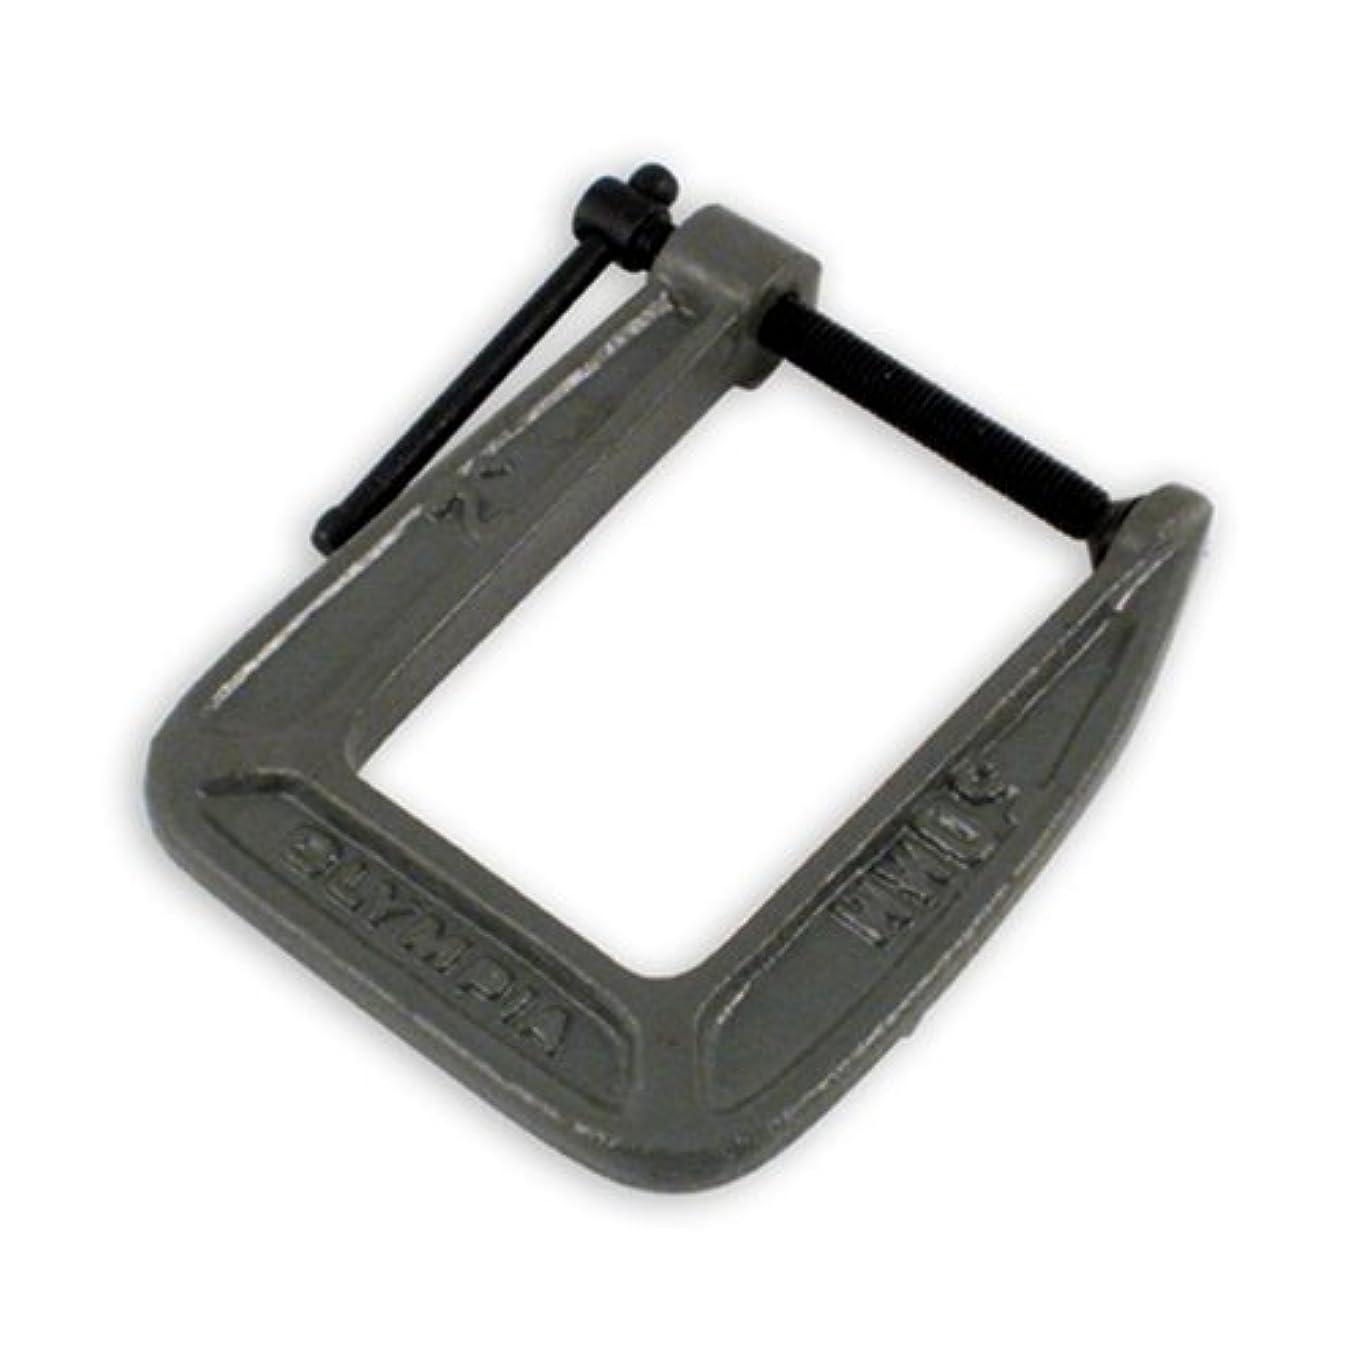 アロングクスクス気晴らしOlympia Tools 38-123 2-Inch by 3-1/2-Inch C-Clamp [並行輸入品]